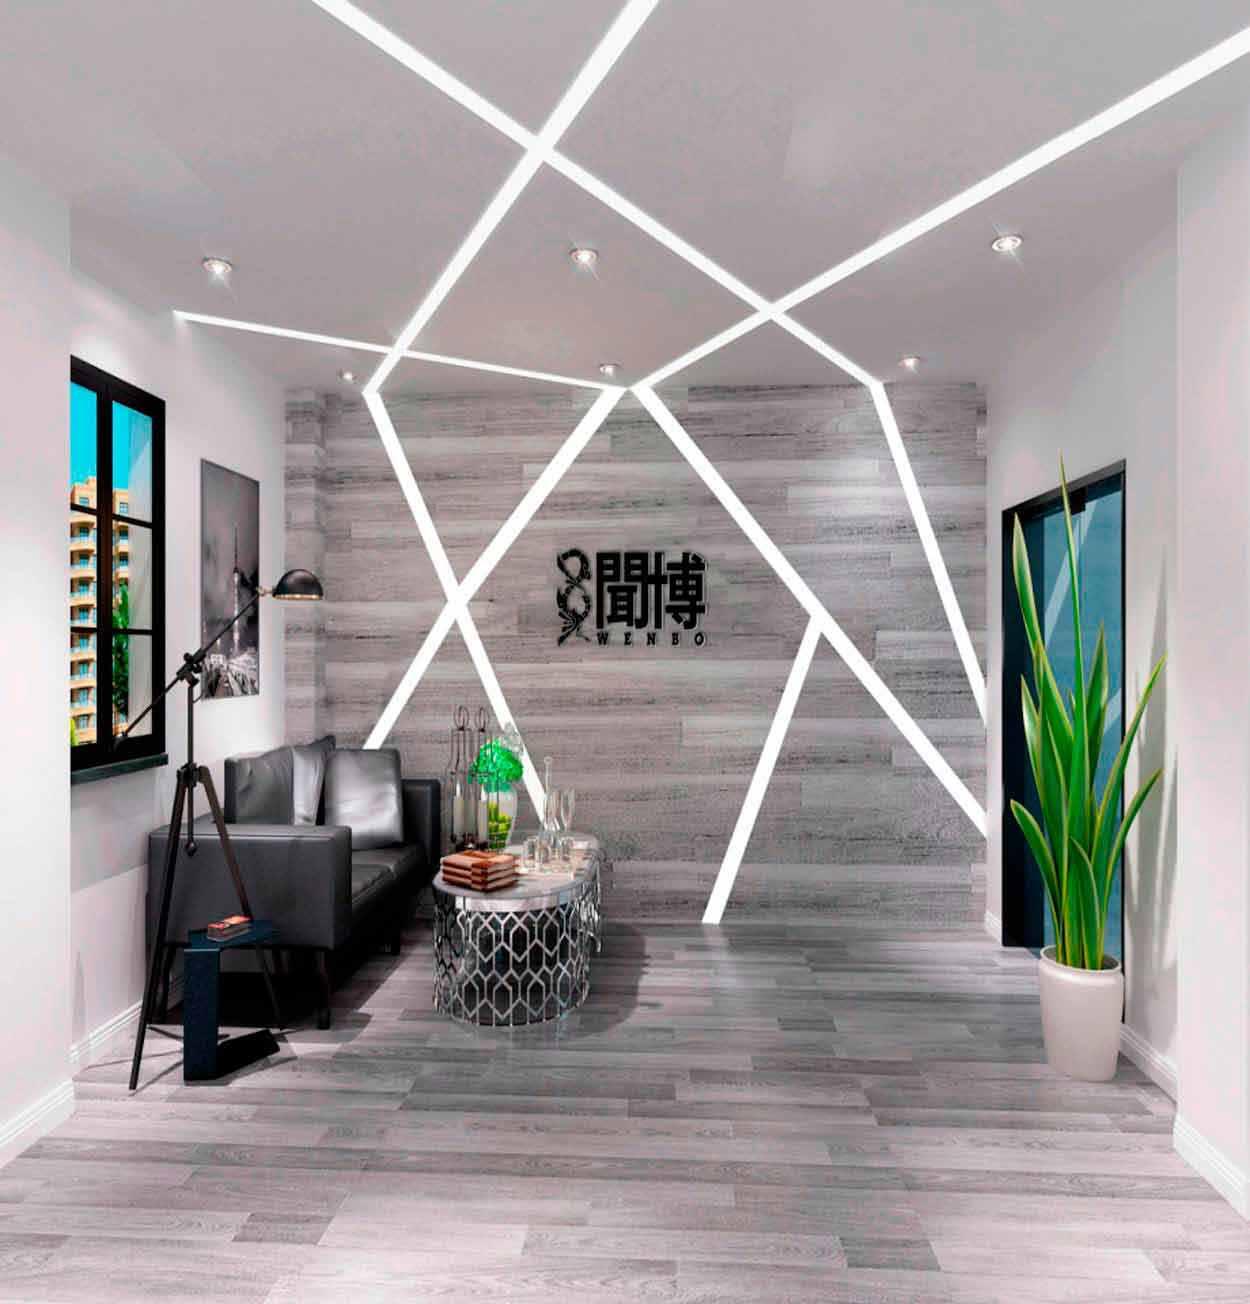 现代化办公室设计|简约办公室空间设计|写字楼装修设计